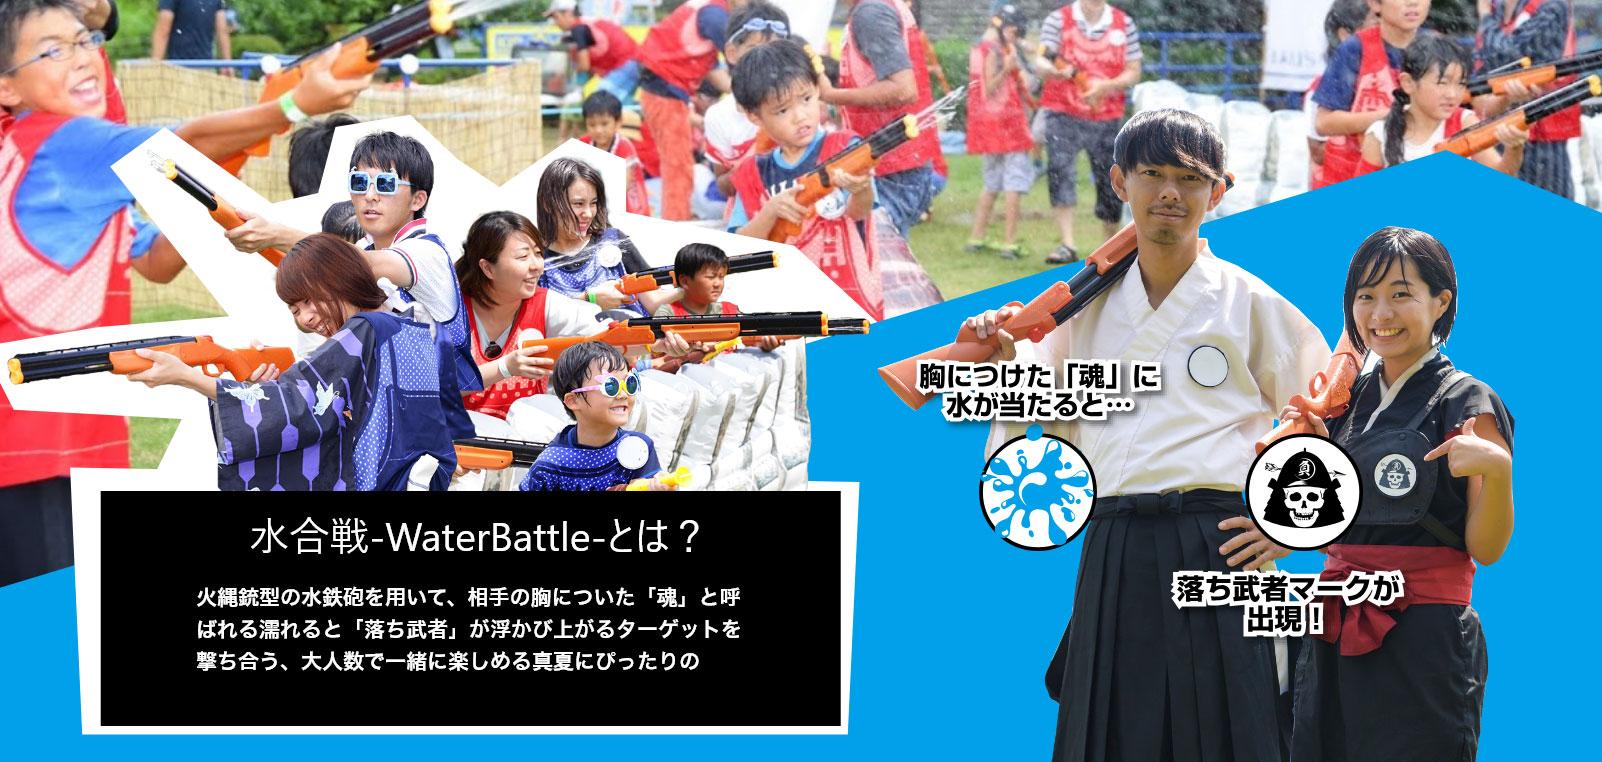 水合戦-WaterBattle-とは?